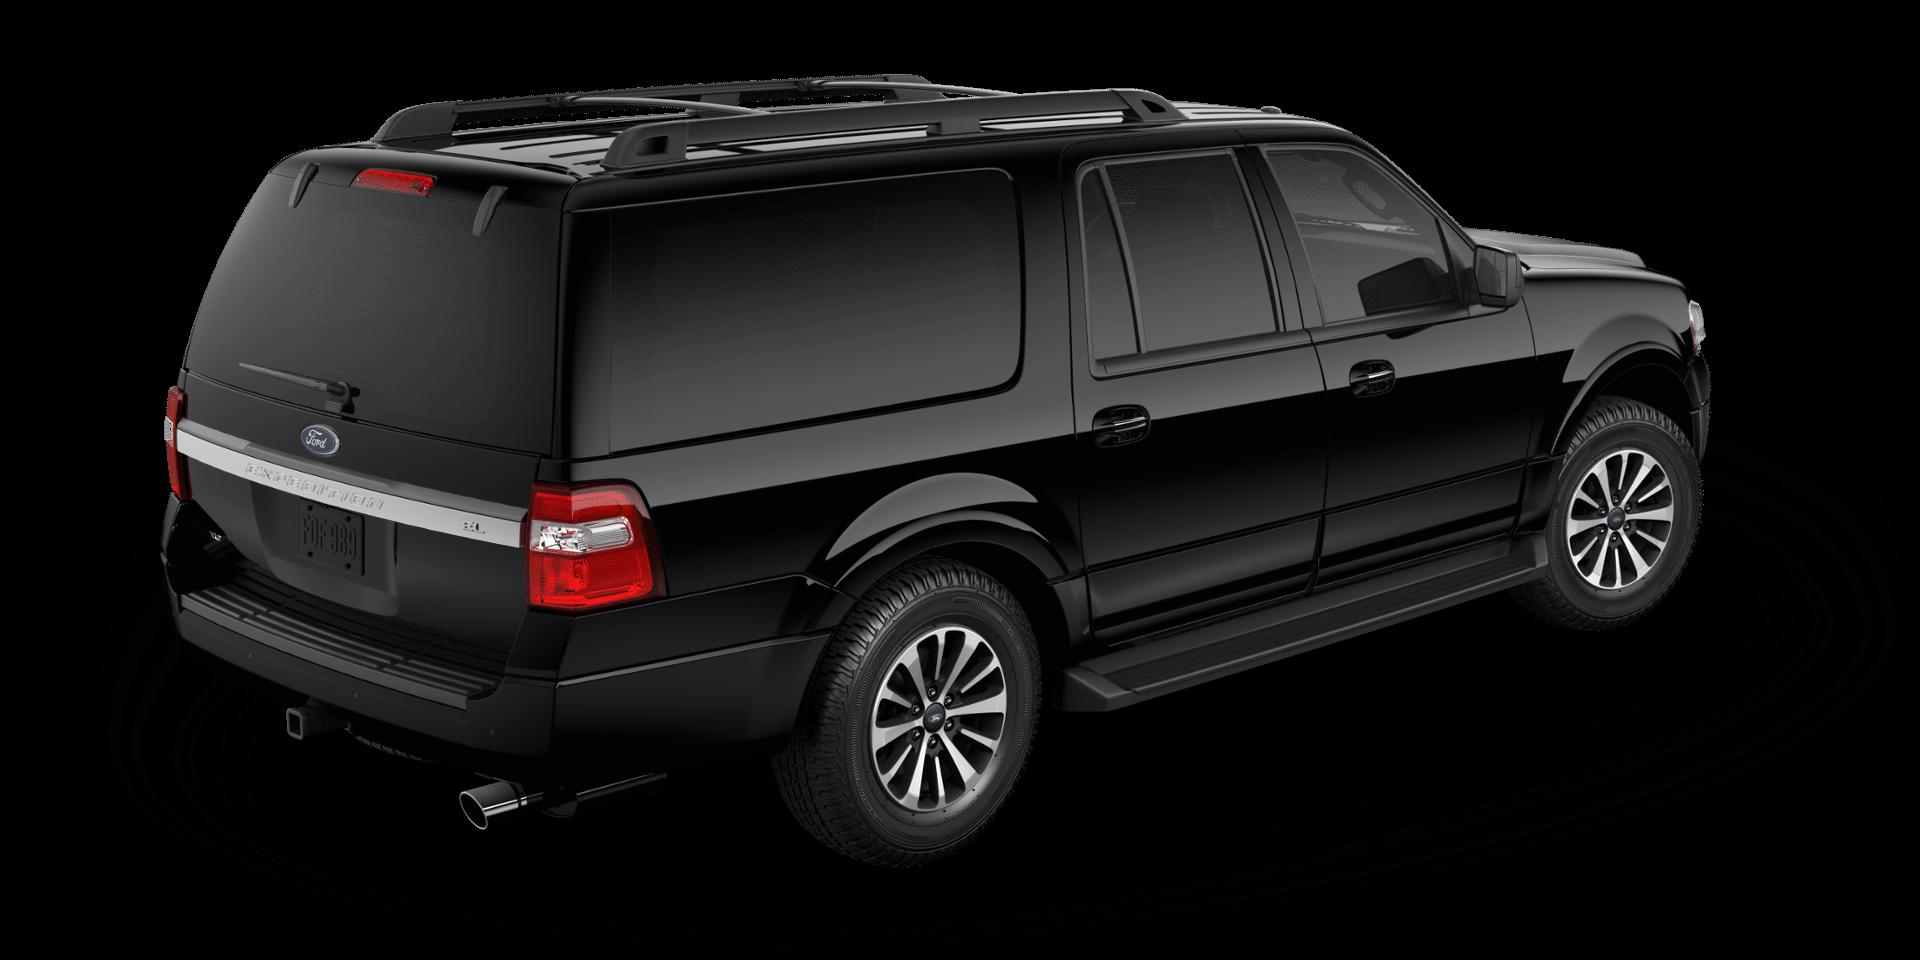 Ford Expedition El Exterior Rear Black